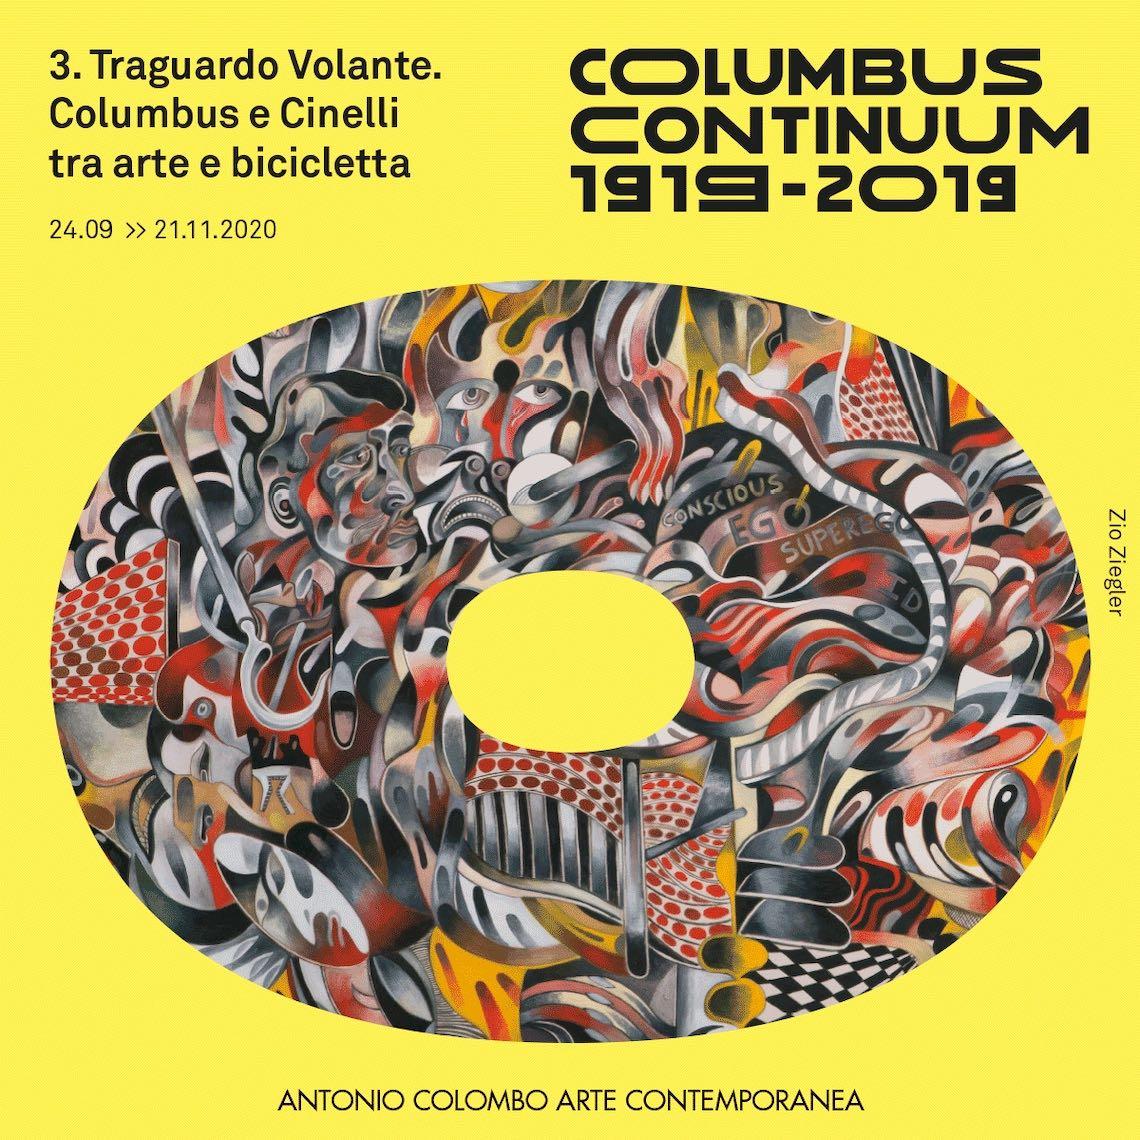 Traguardo Volante_Columbus e Cinelli_tra _arte e bicicletta